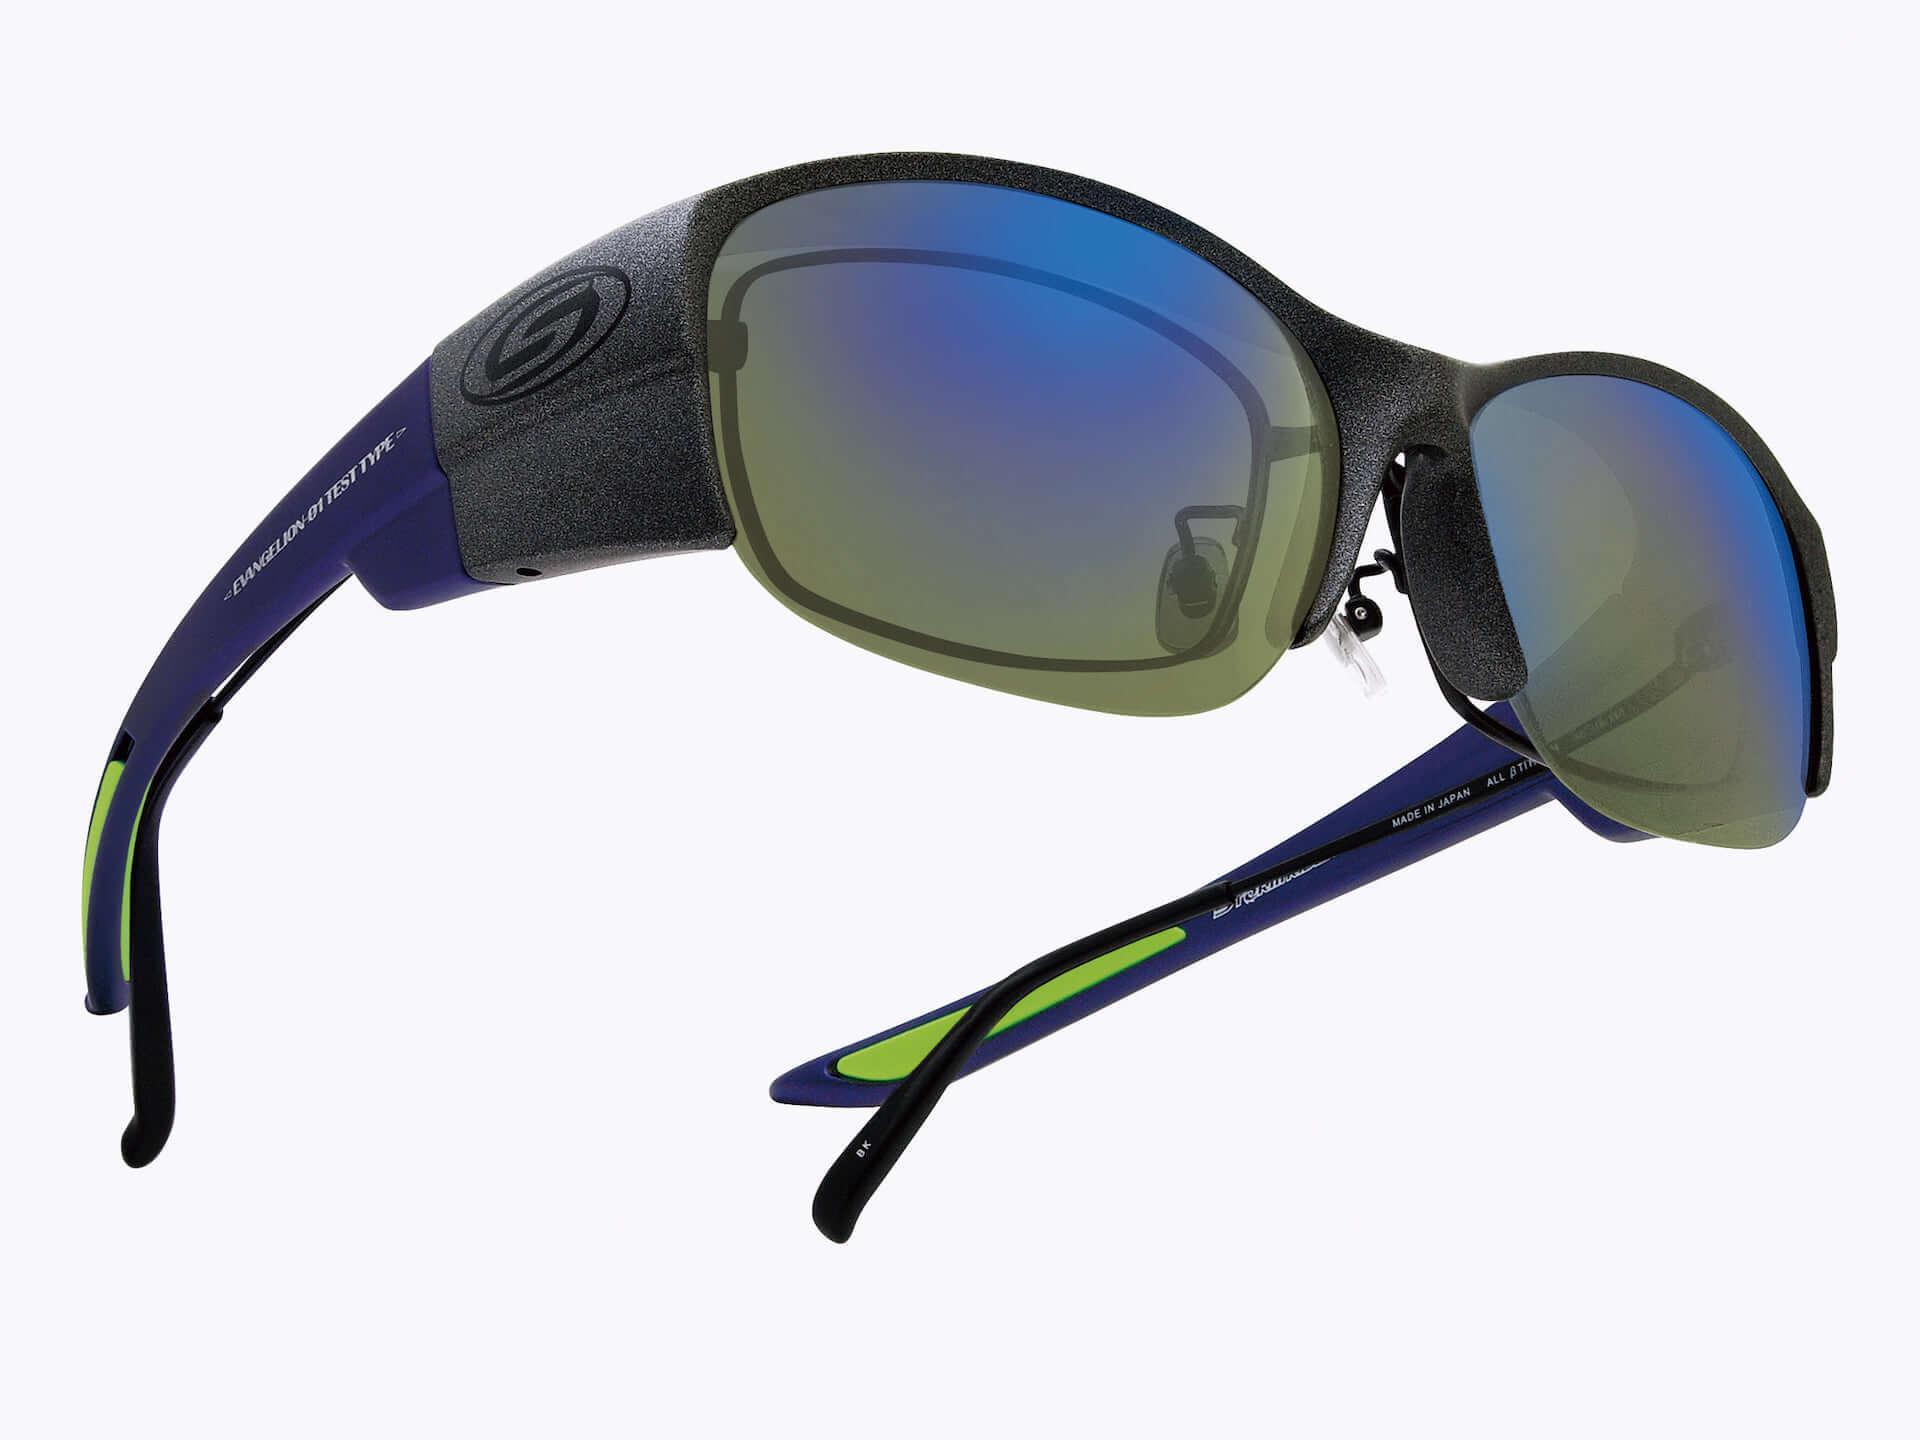 「メガネの愛眼」× 新世紀エヴァンゲリオンの別注サングラスが発売中!EVA初号機をイメージした2型 lf200602_eva_sunglasses_03-1920x1440